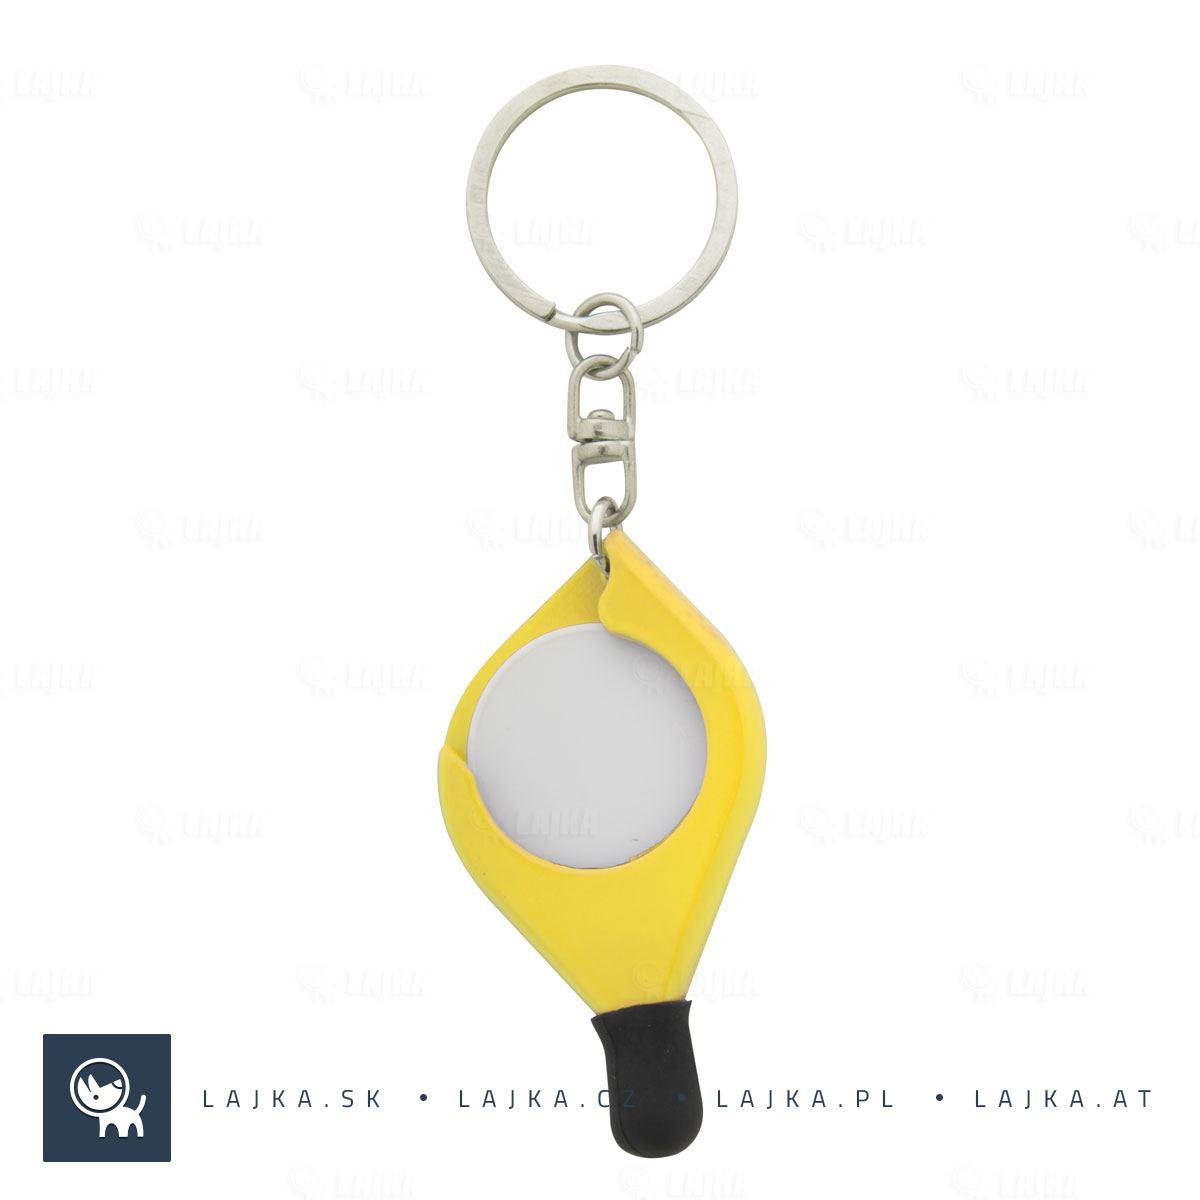 b41640c9d Prívesok na kľúče so žetónom Frits, žltá   Reklamné Predmety